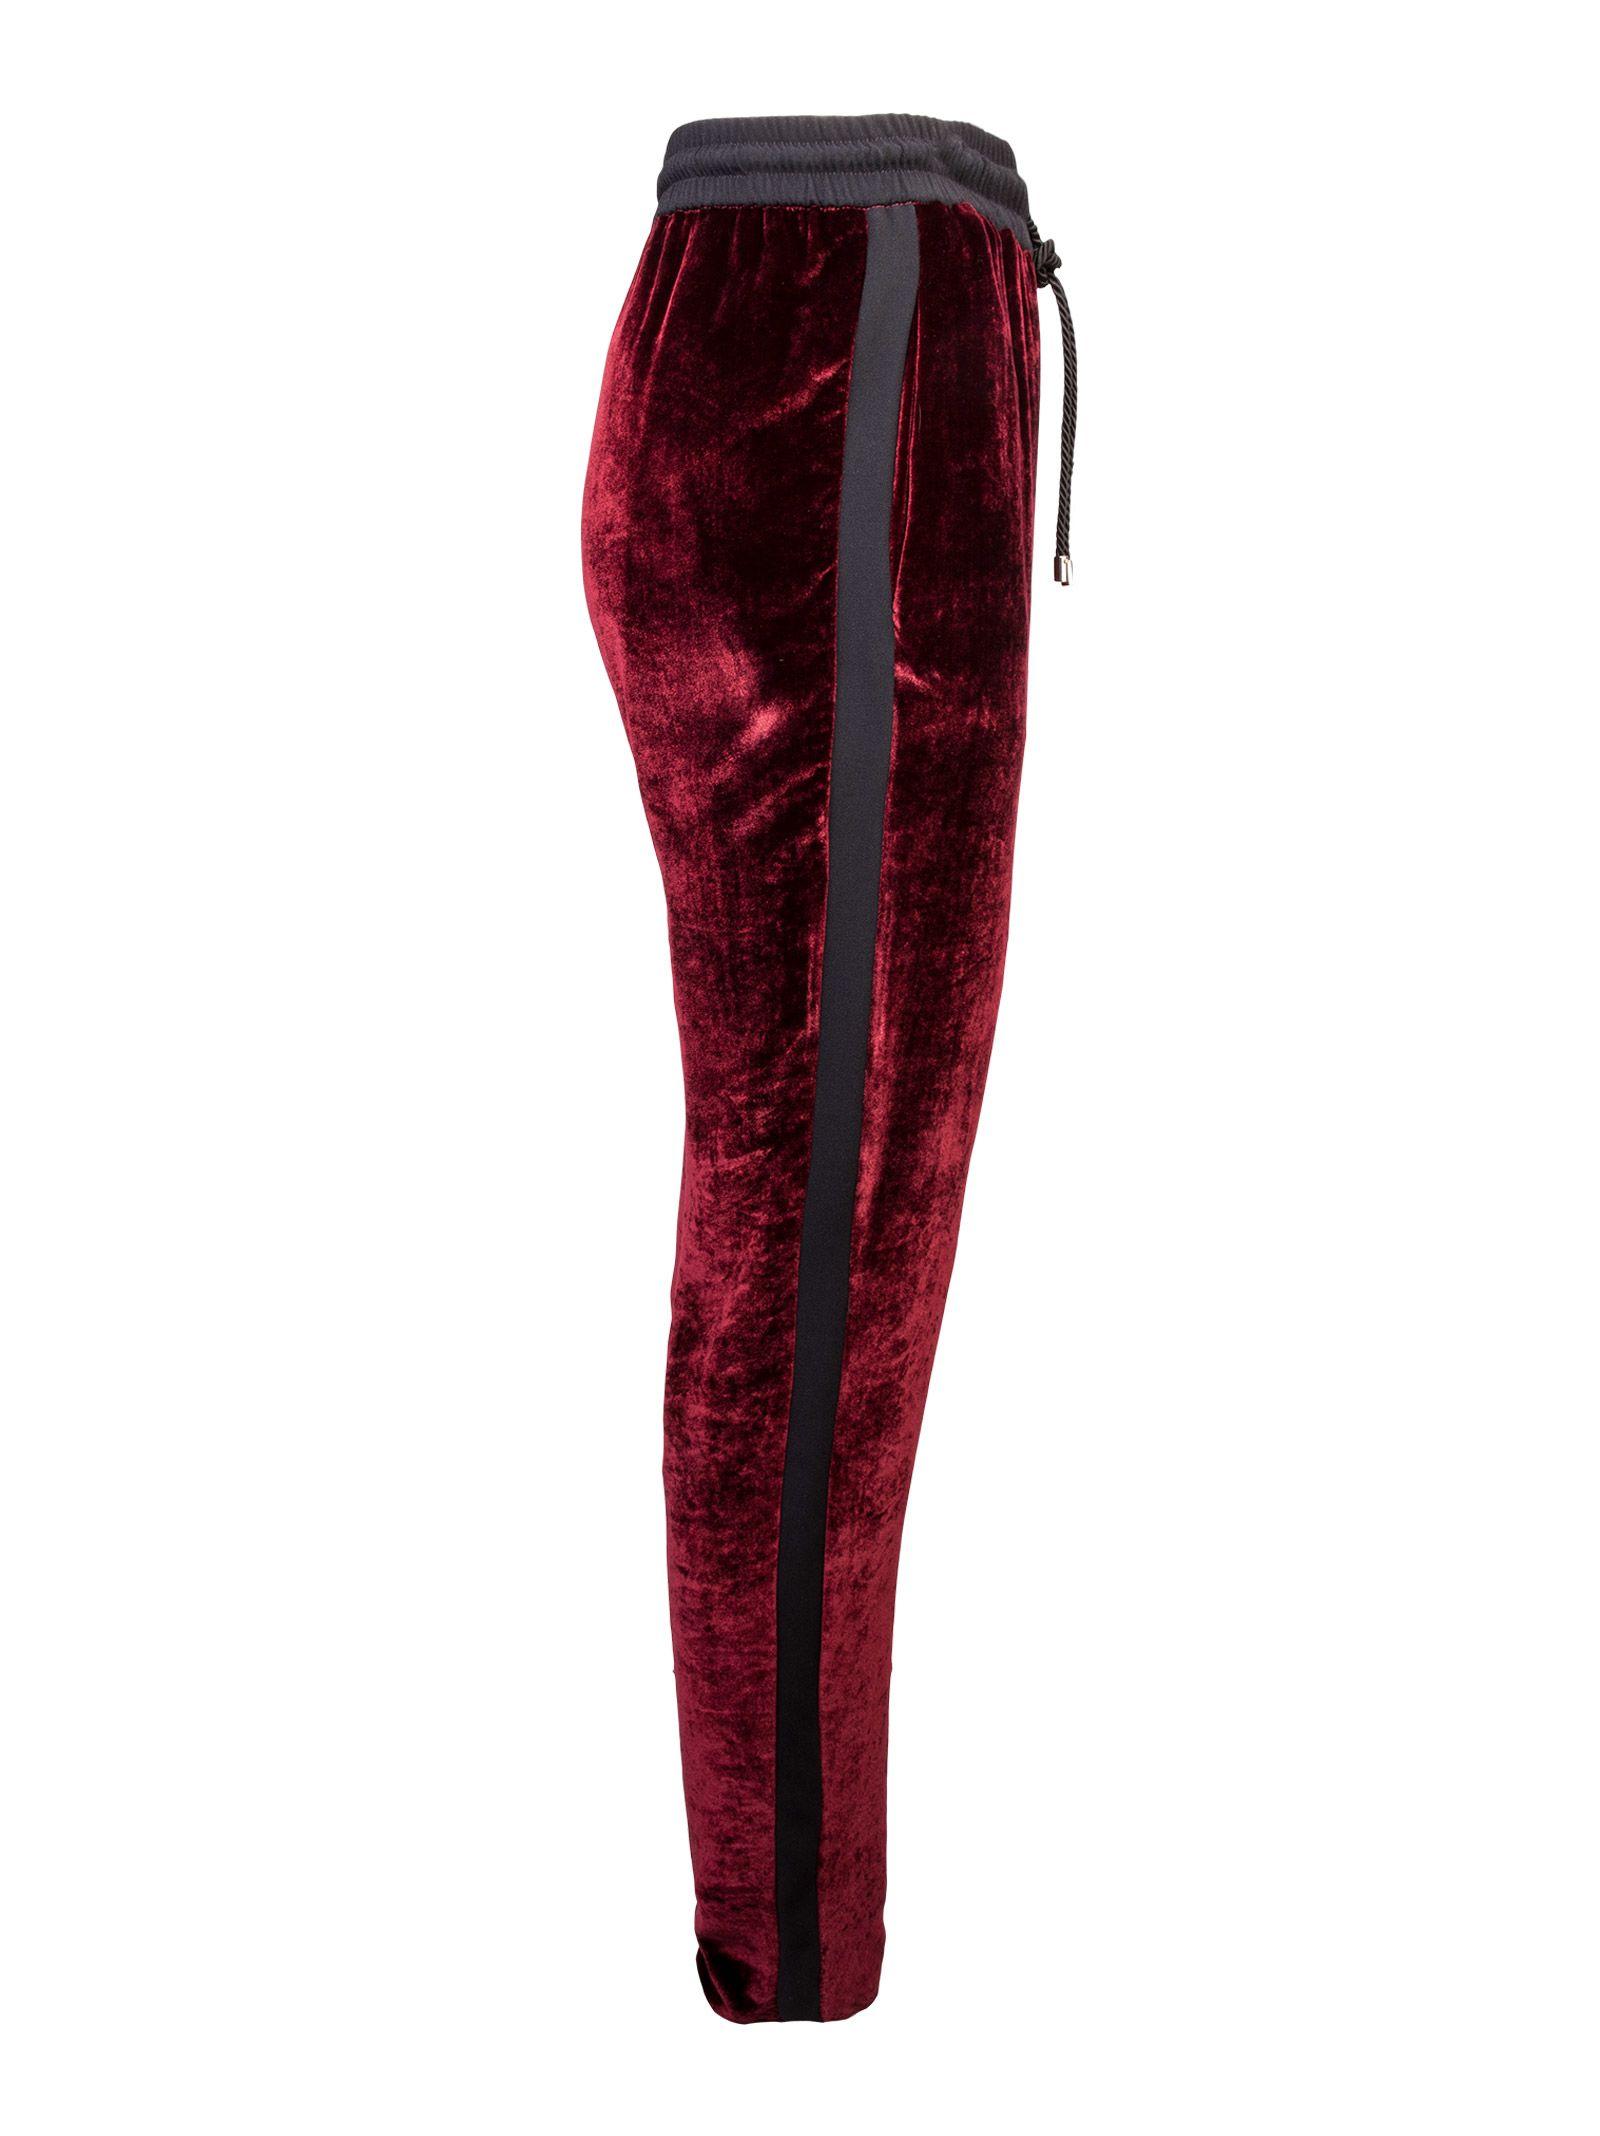 TRIPLE RRR Triple Rrr Trousers